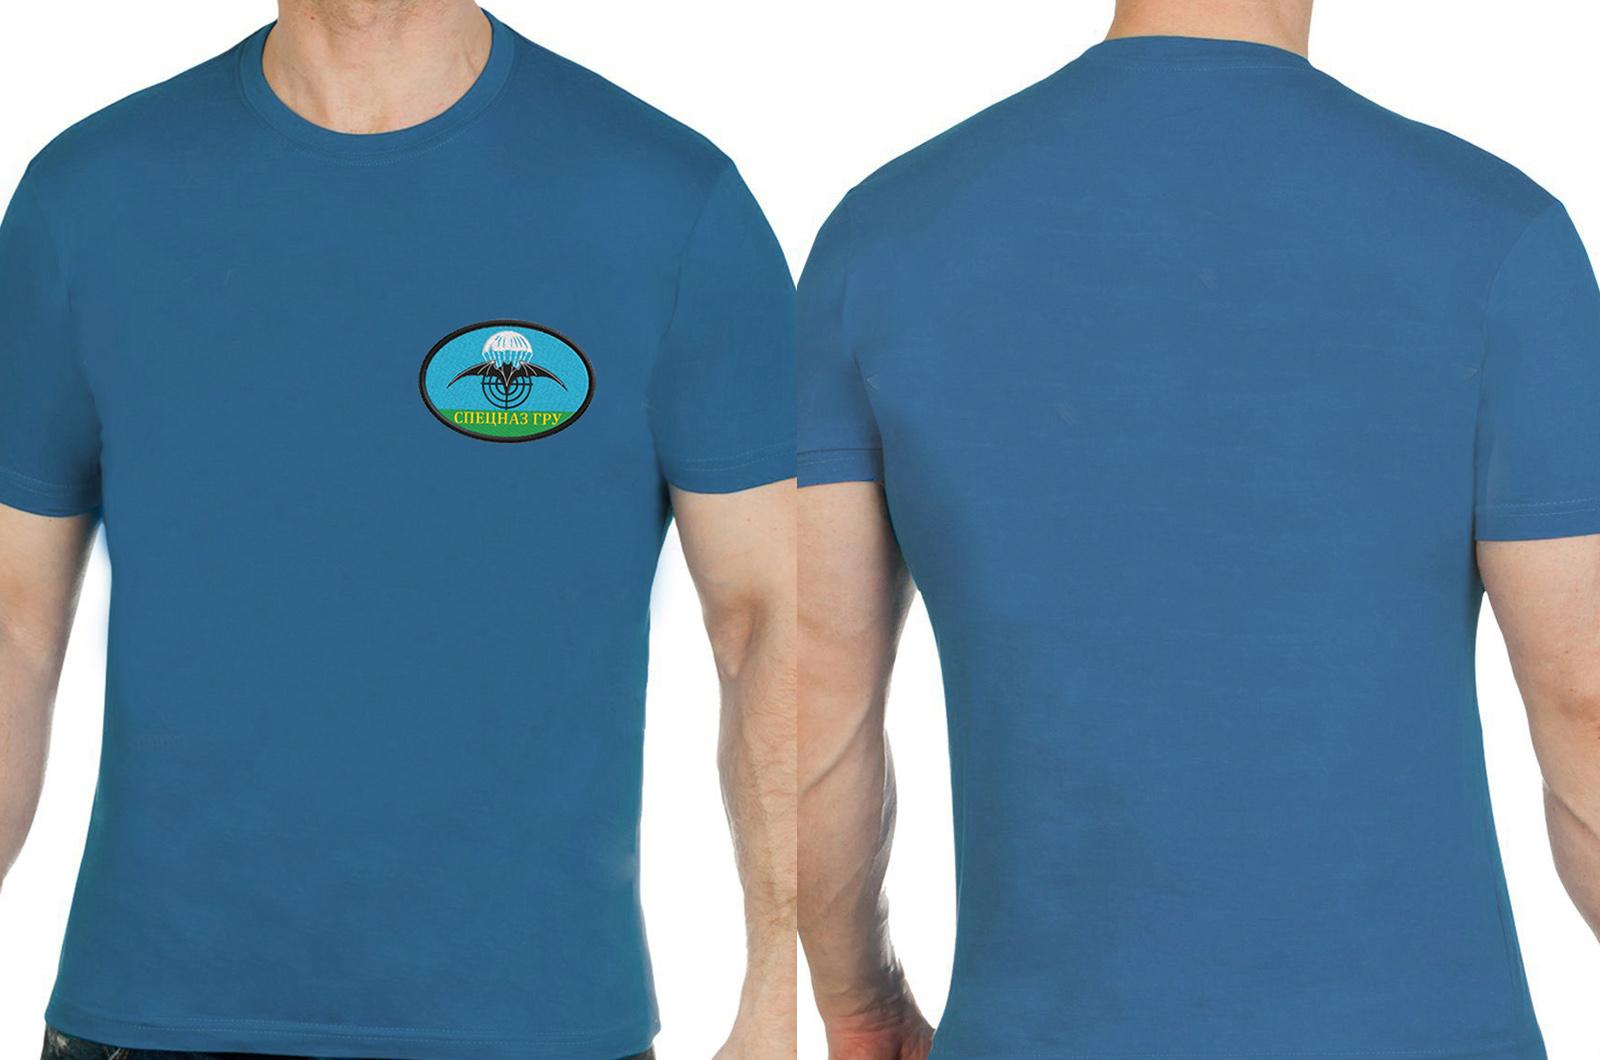 Оригинальная мужская футболка с вышивкой Спецназ ГРУ - купить выгодно